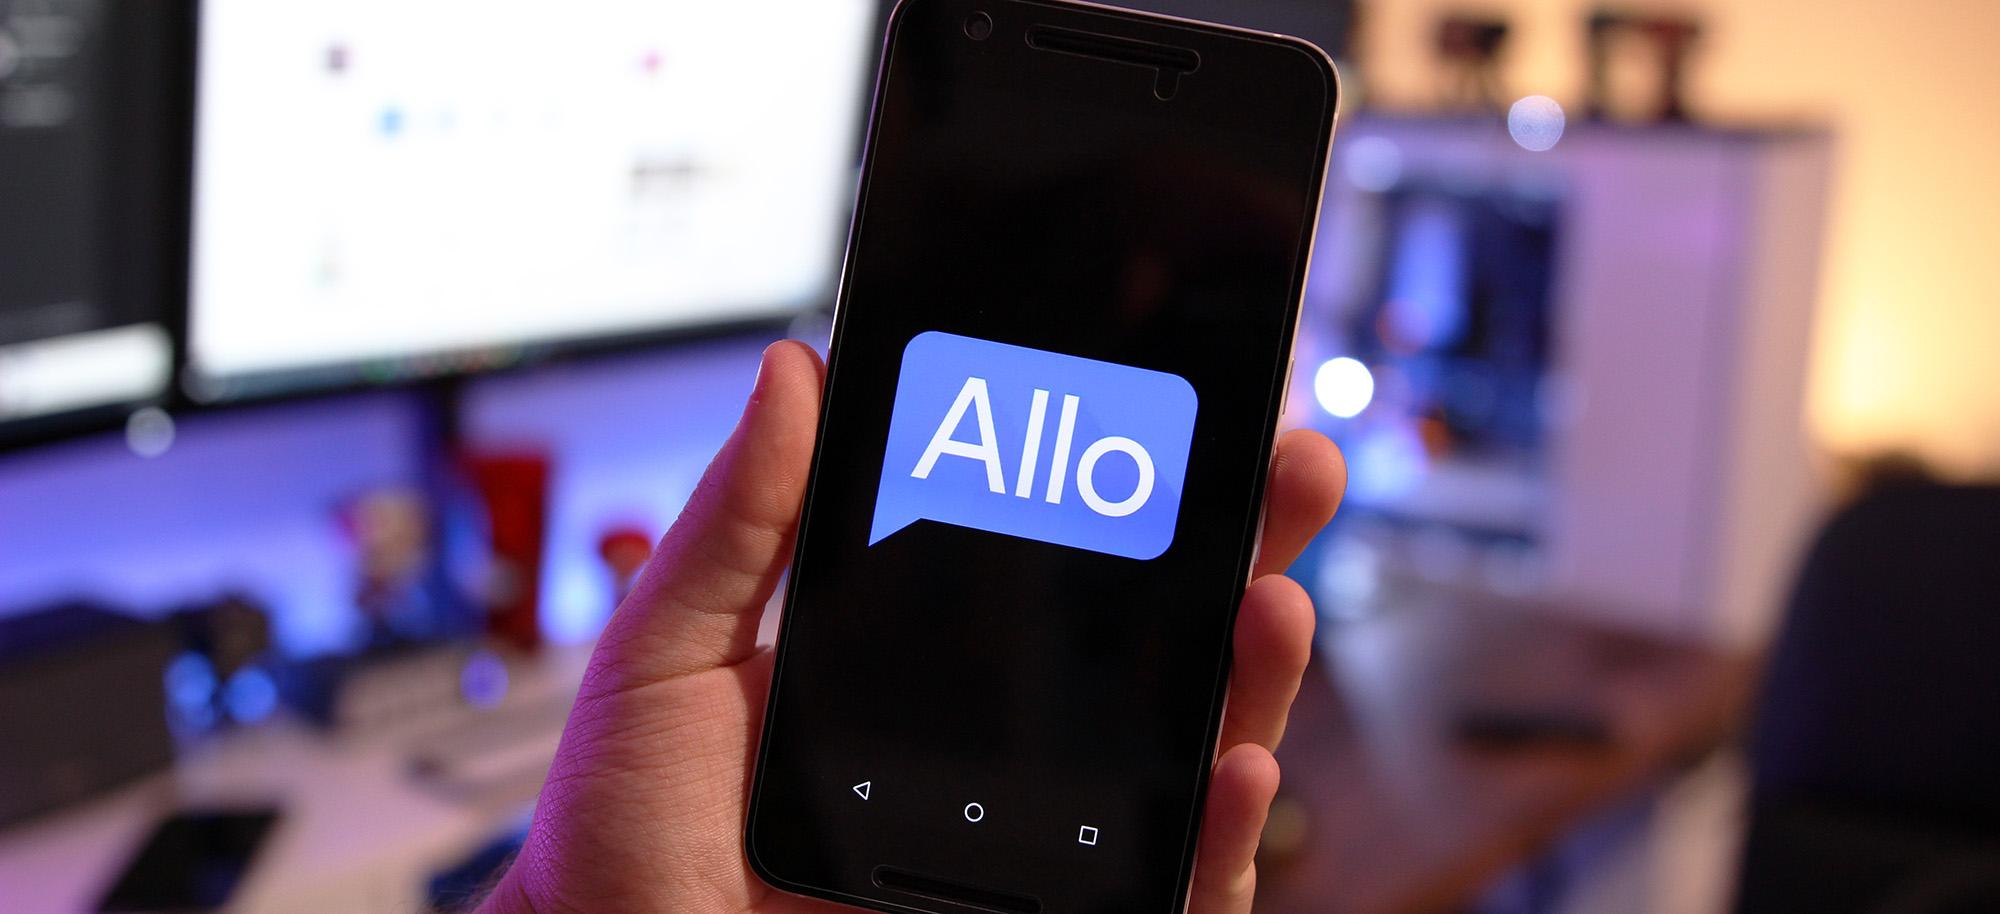 allo_2